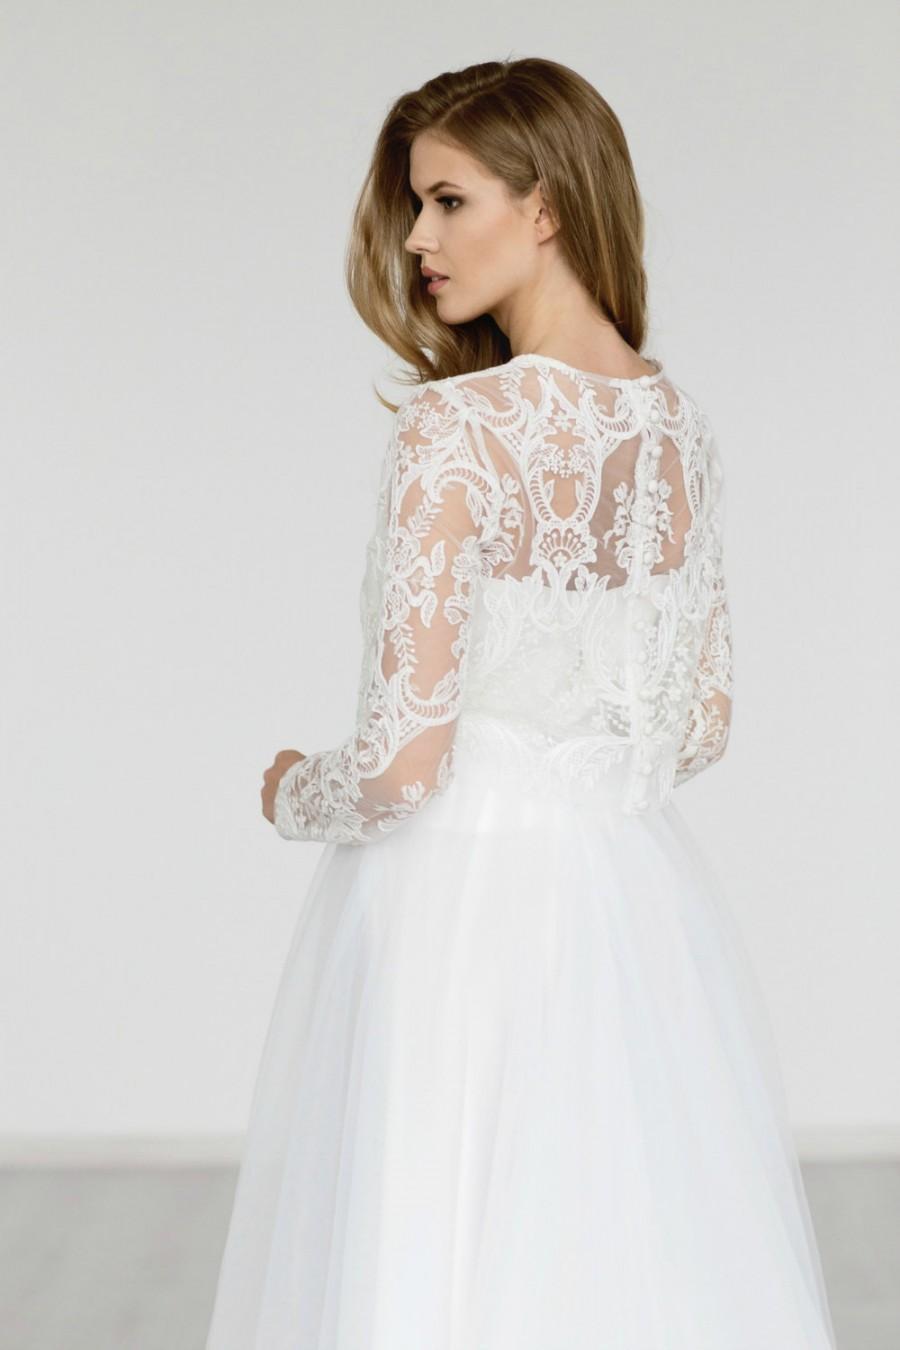 Bridal top long sleeves wedding top ivory bridal top for Long sleeve wedding dress topper